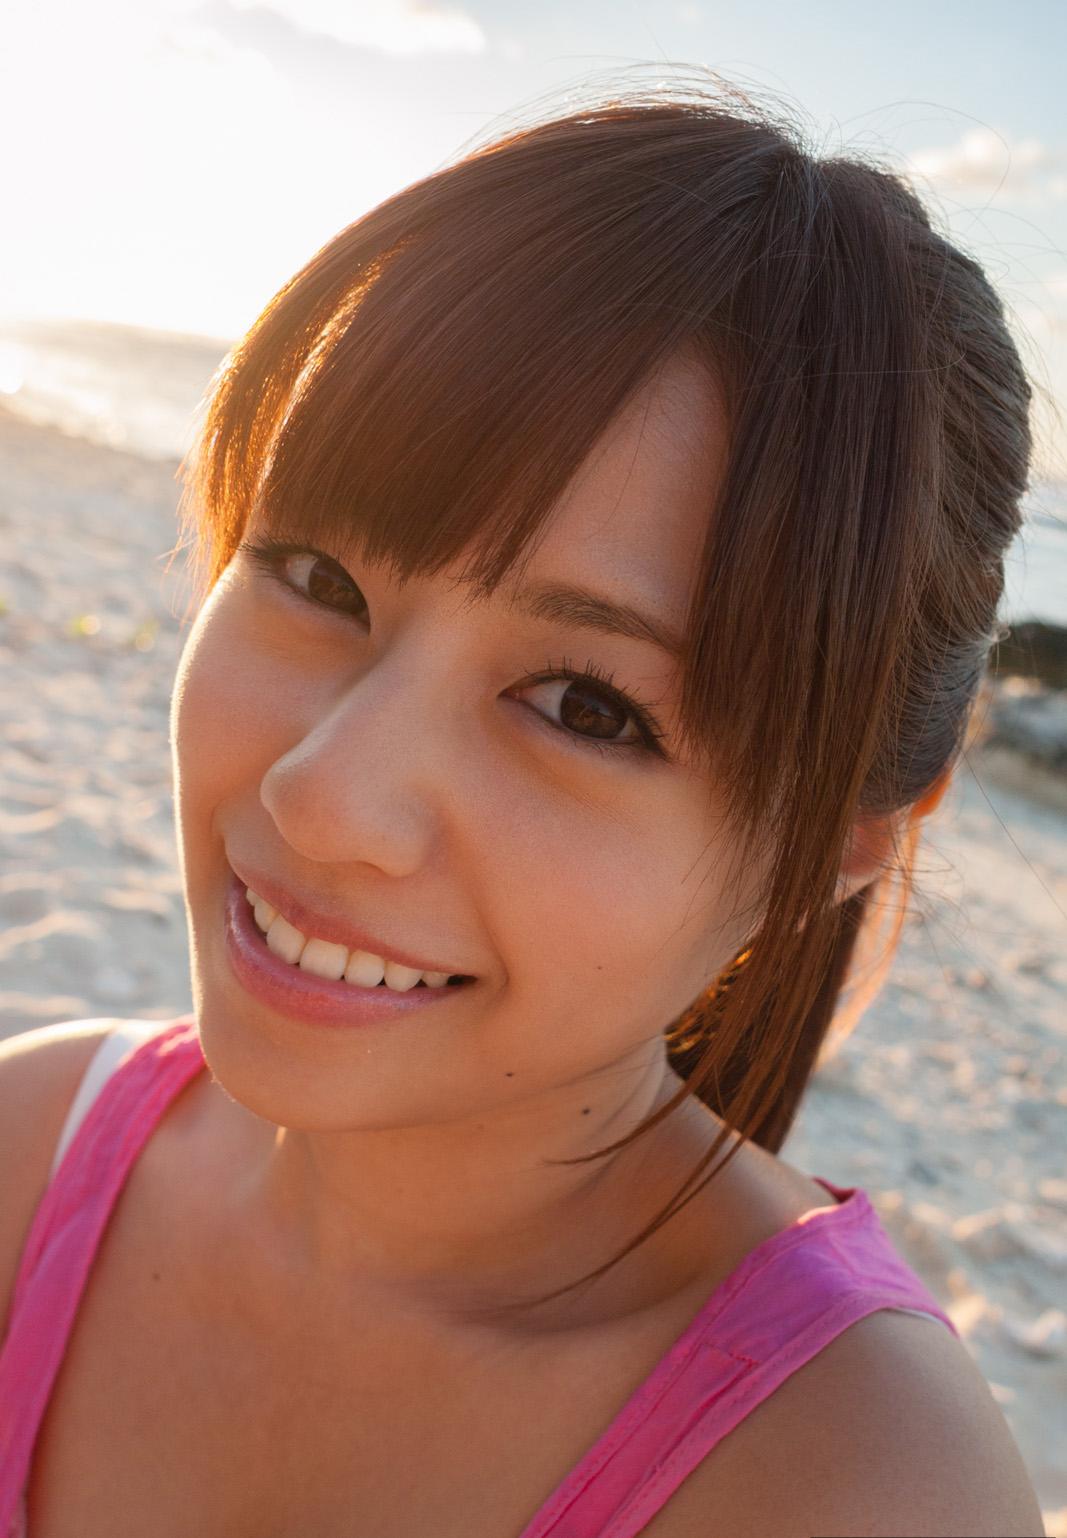 瑠川リナ 画像 24